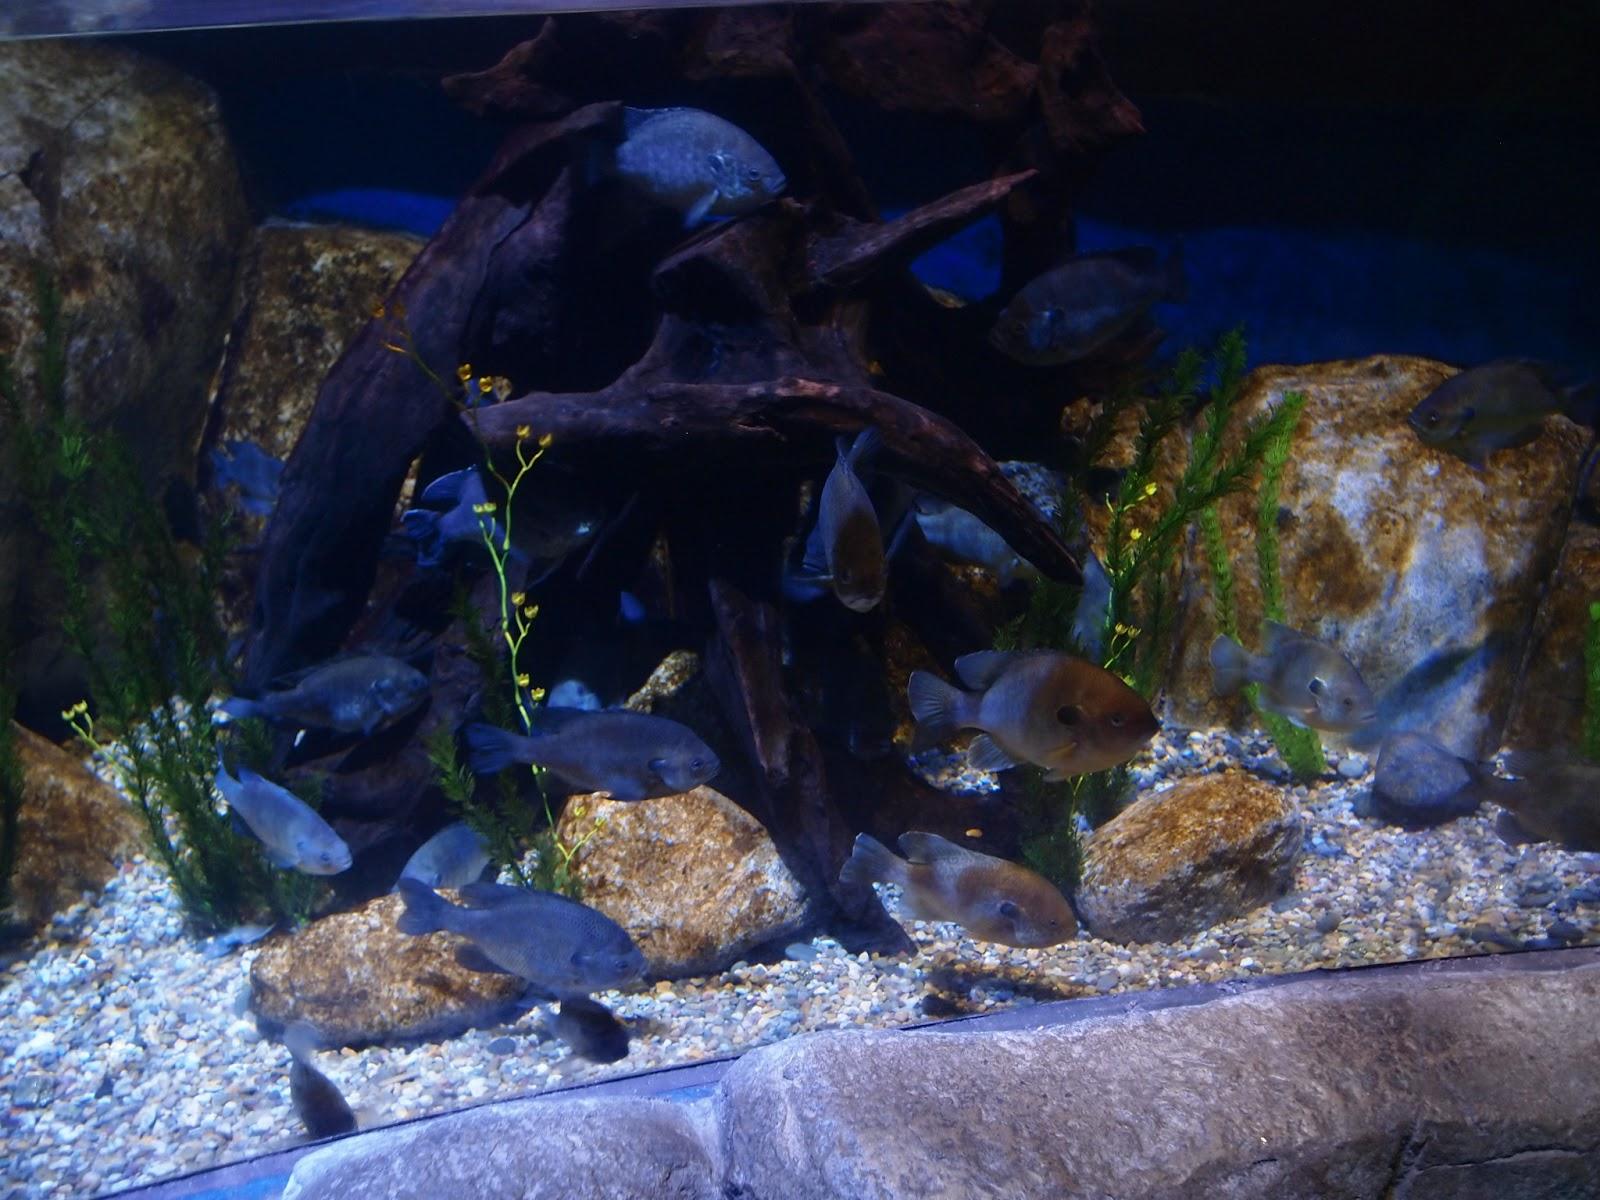 Sasaki Time Legoland Sea Life Aquarium Trip Report